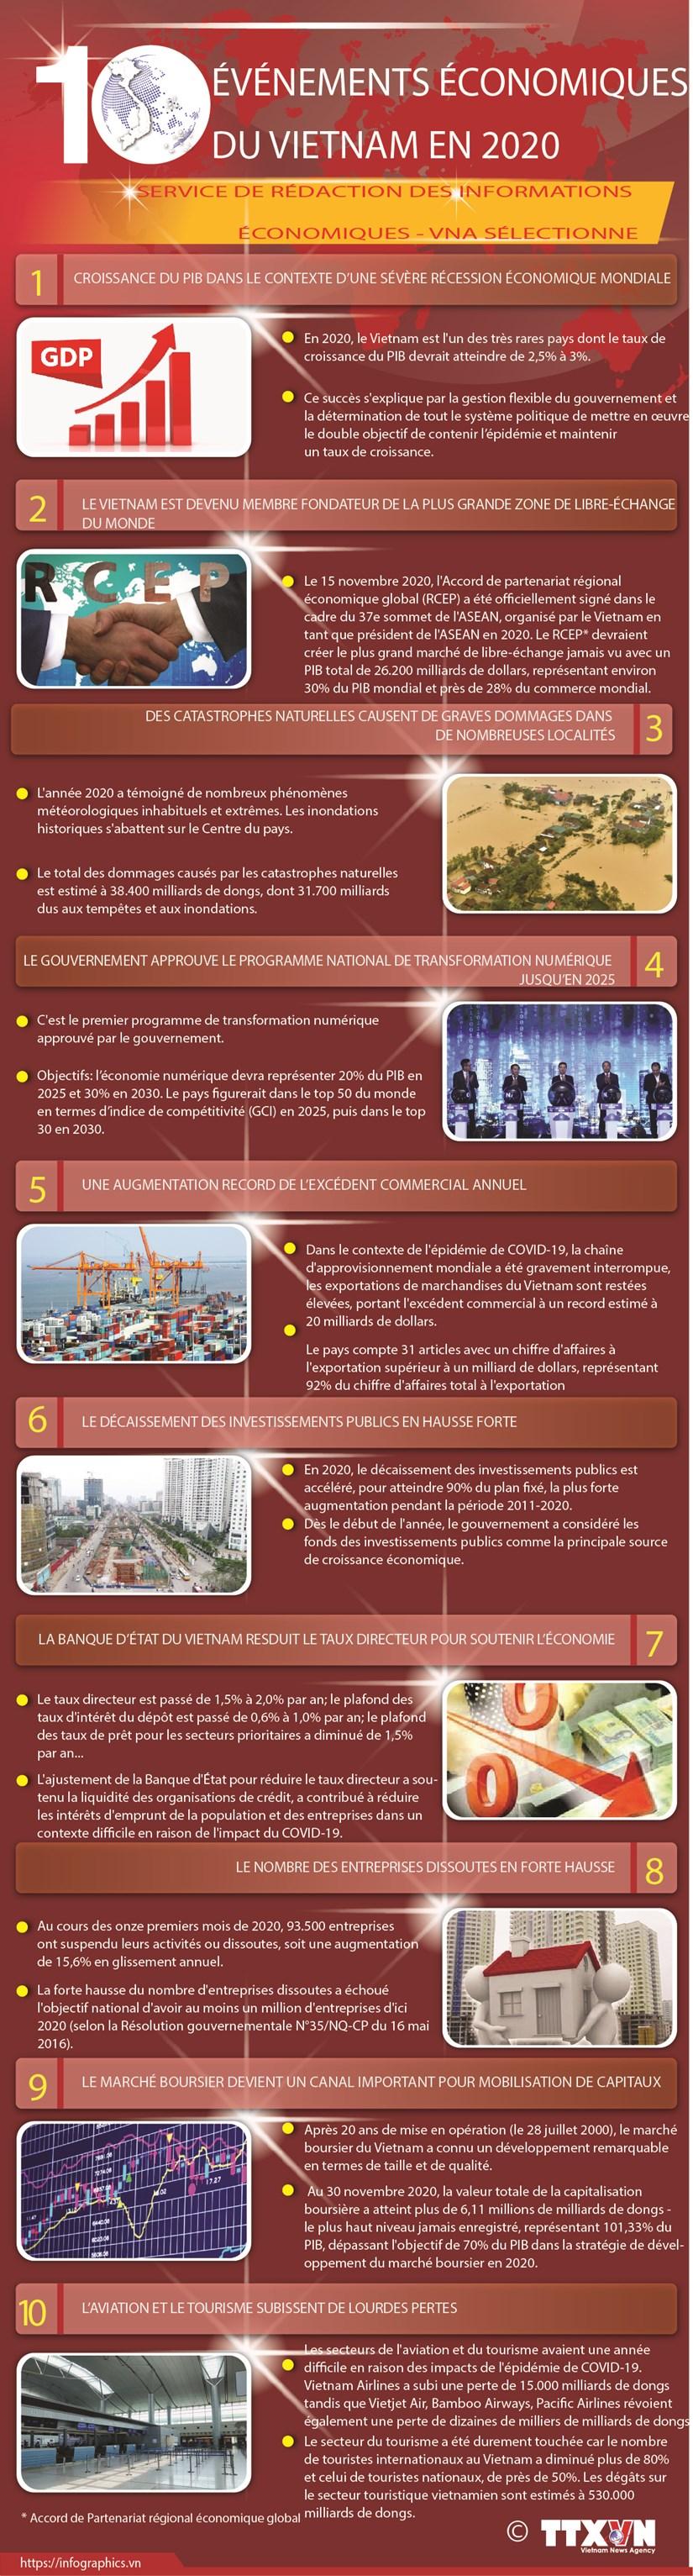 Les dix evenements economiques les plus marquants du Vietnam en 2020 hinh anh 1